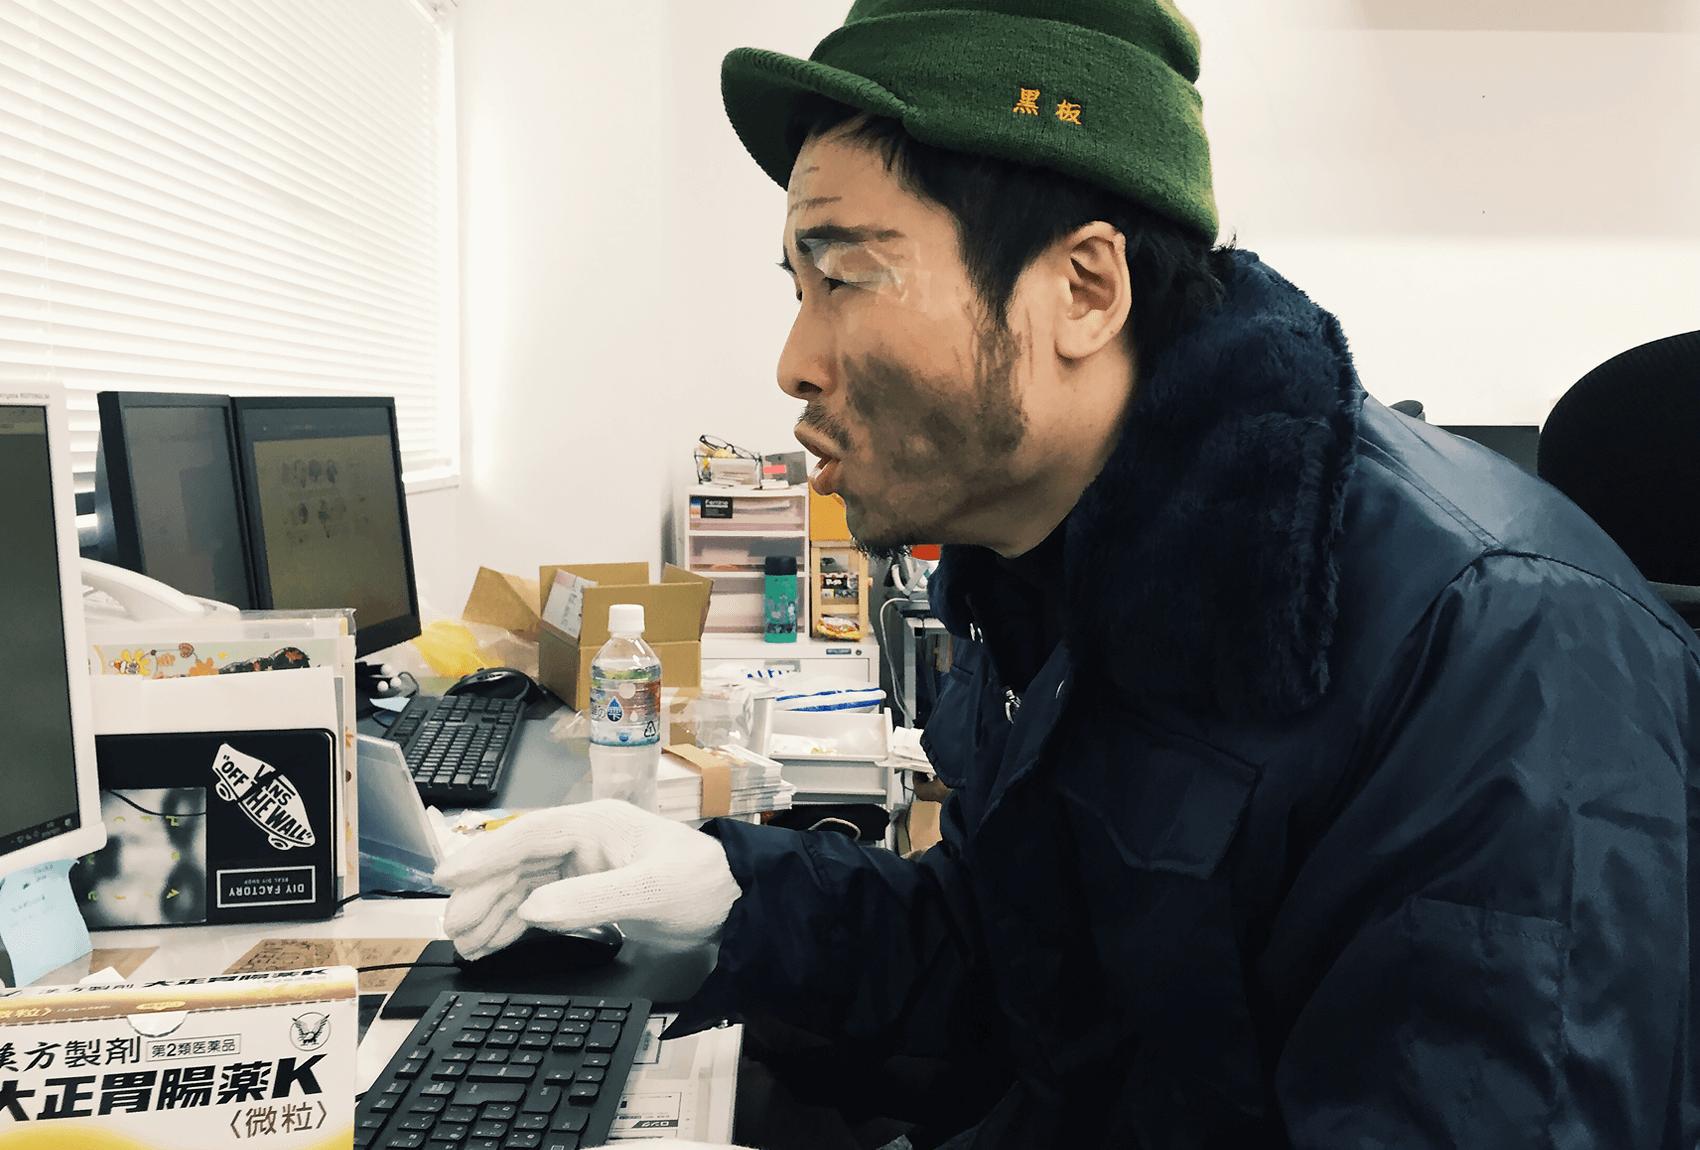 黒板五郎さんの仮装